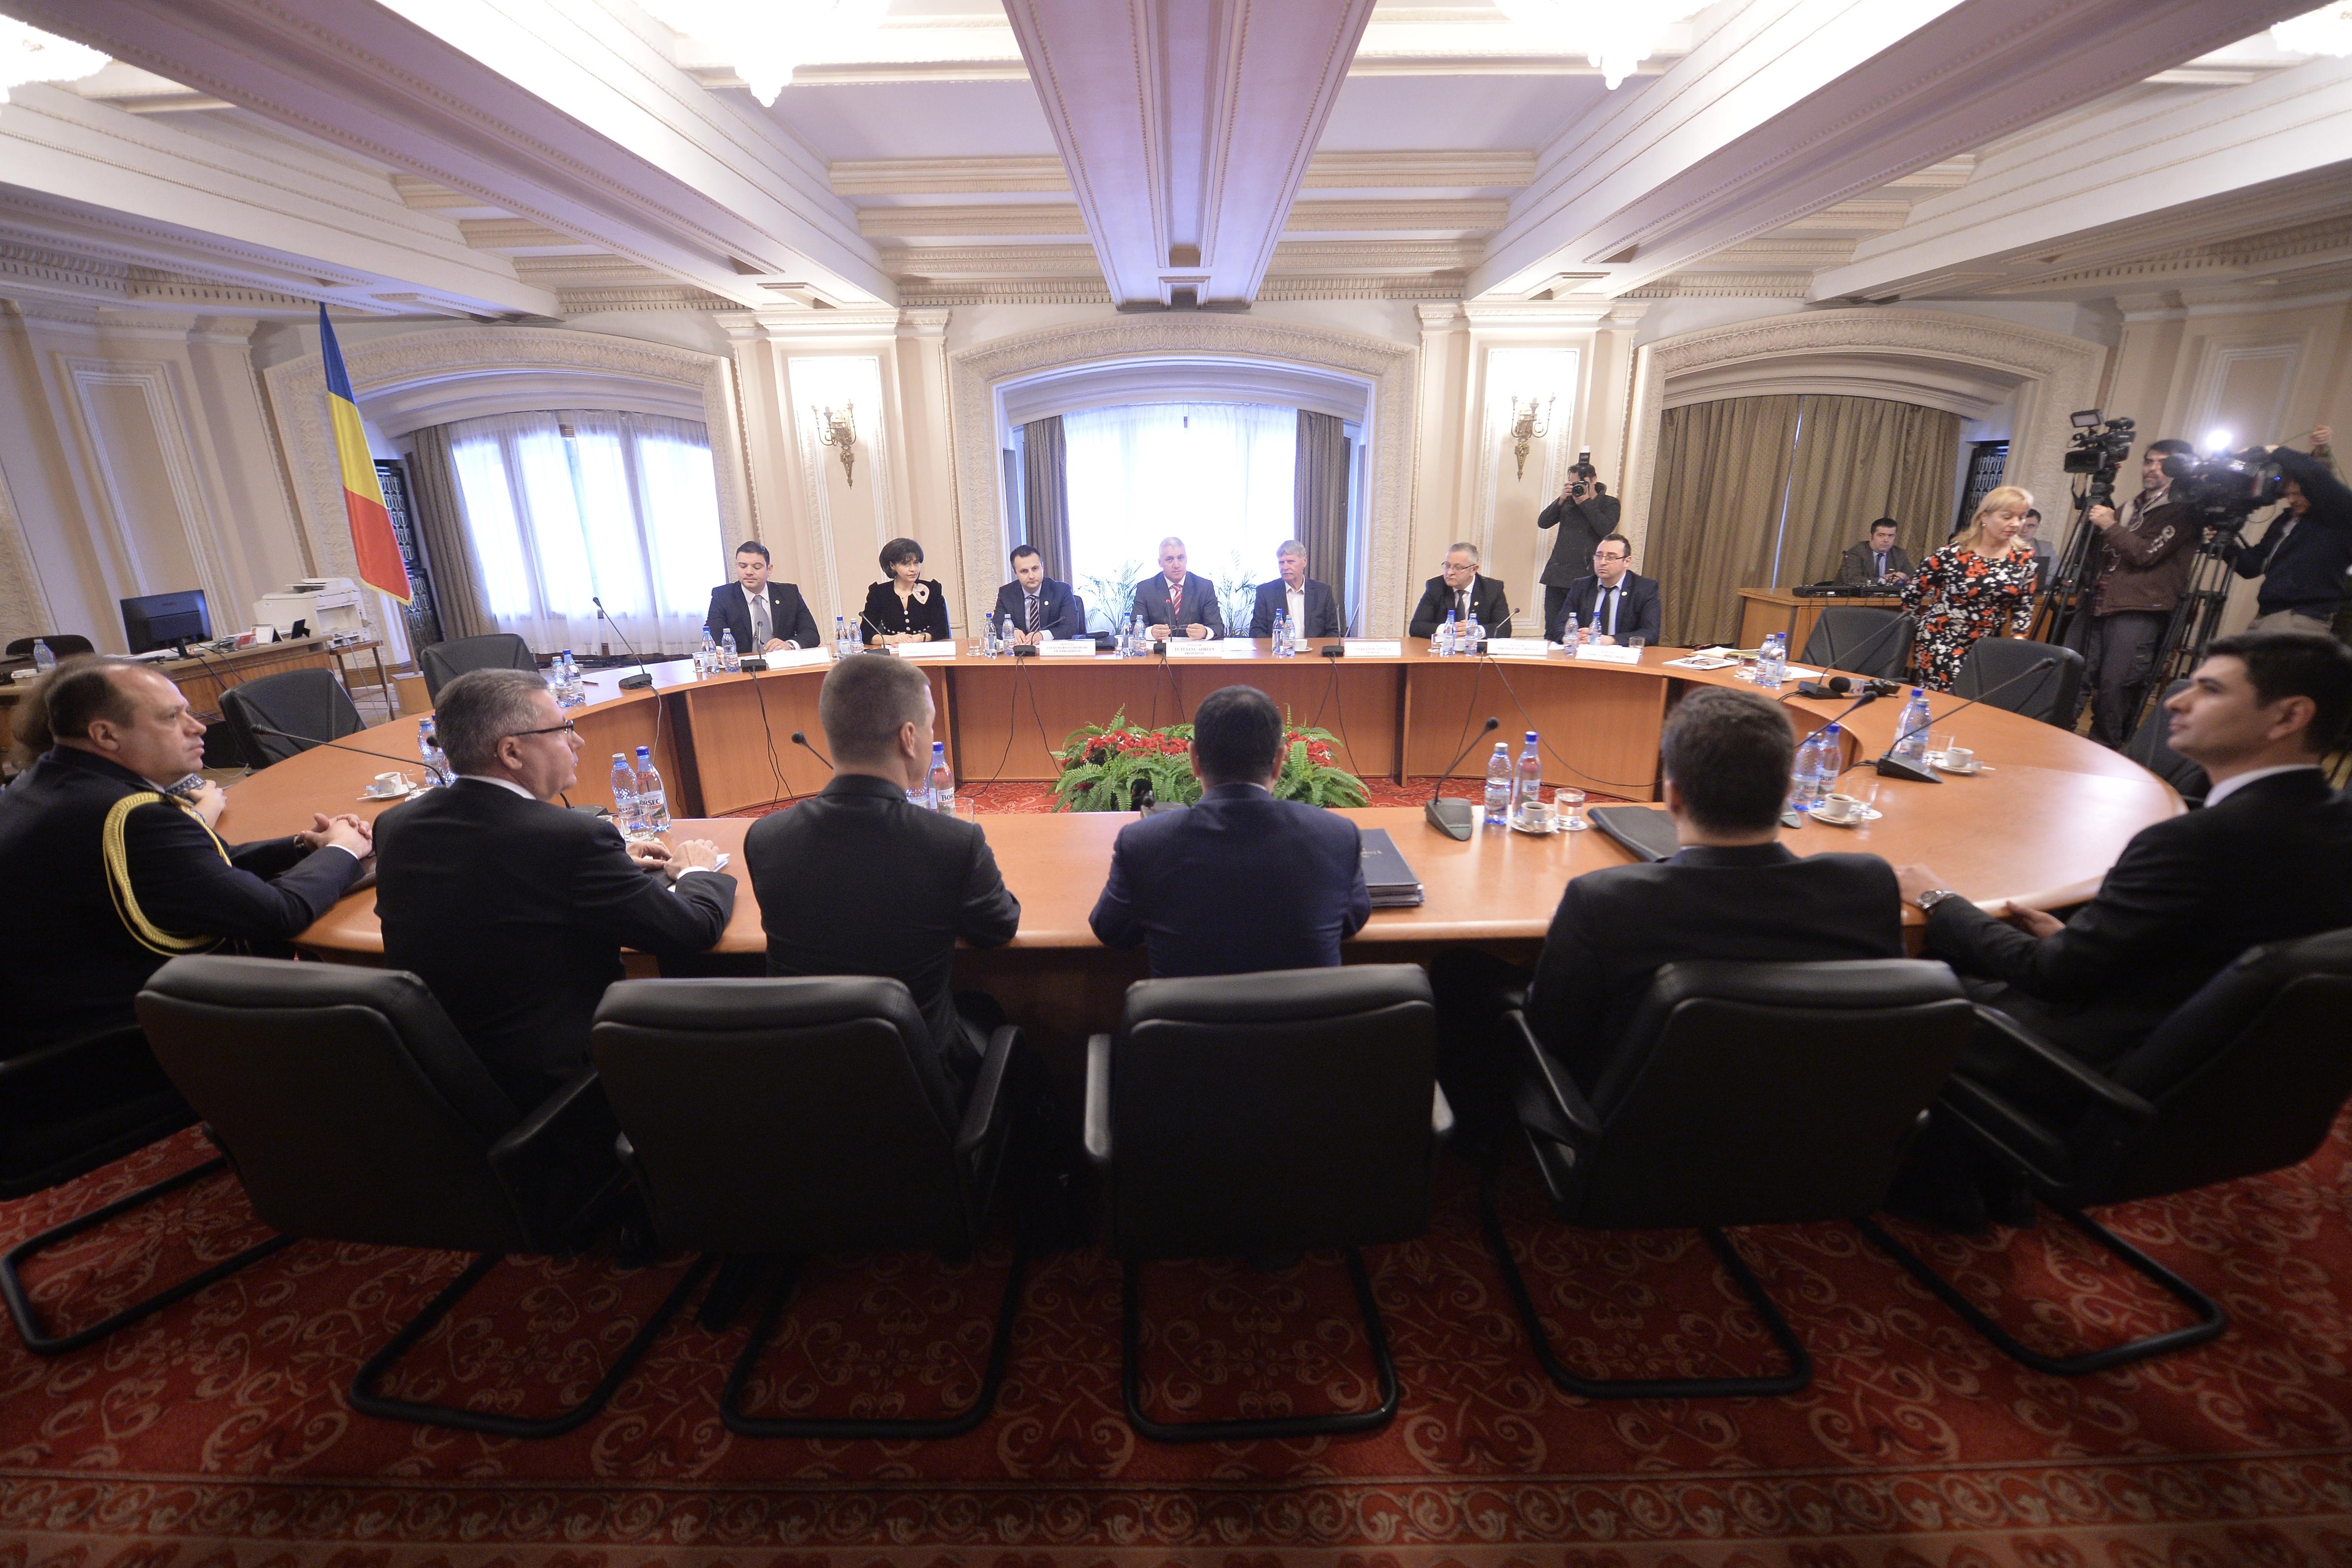 Comisia SRI îi va audia săptămâna viitoare pe Dumitru Iliescu (SPP), Alina Bica (DIICOT), Dan Andronic (EVZ) şi Doru Paraschiv (DGIA). `Audierea lui Ghiţă, necesară`